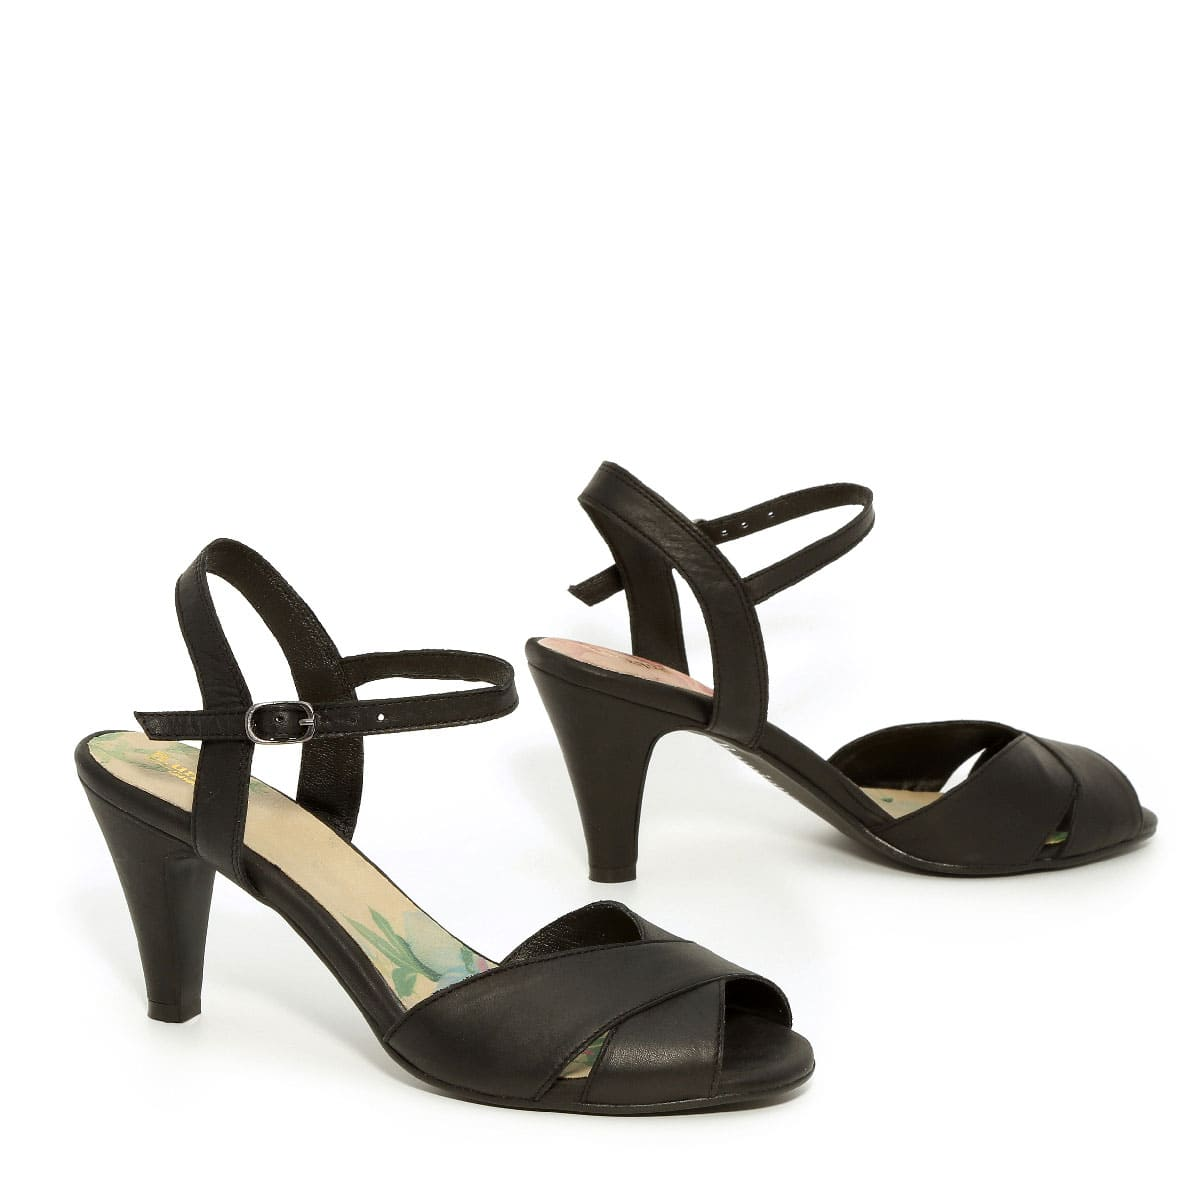 דגם טלי: נעלי עקב בצבע שחור